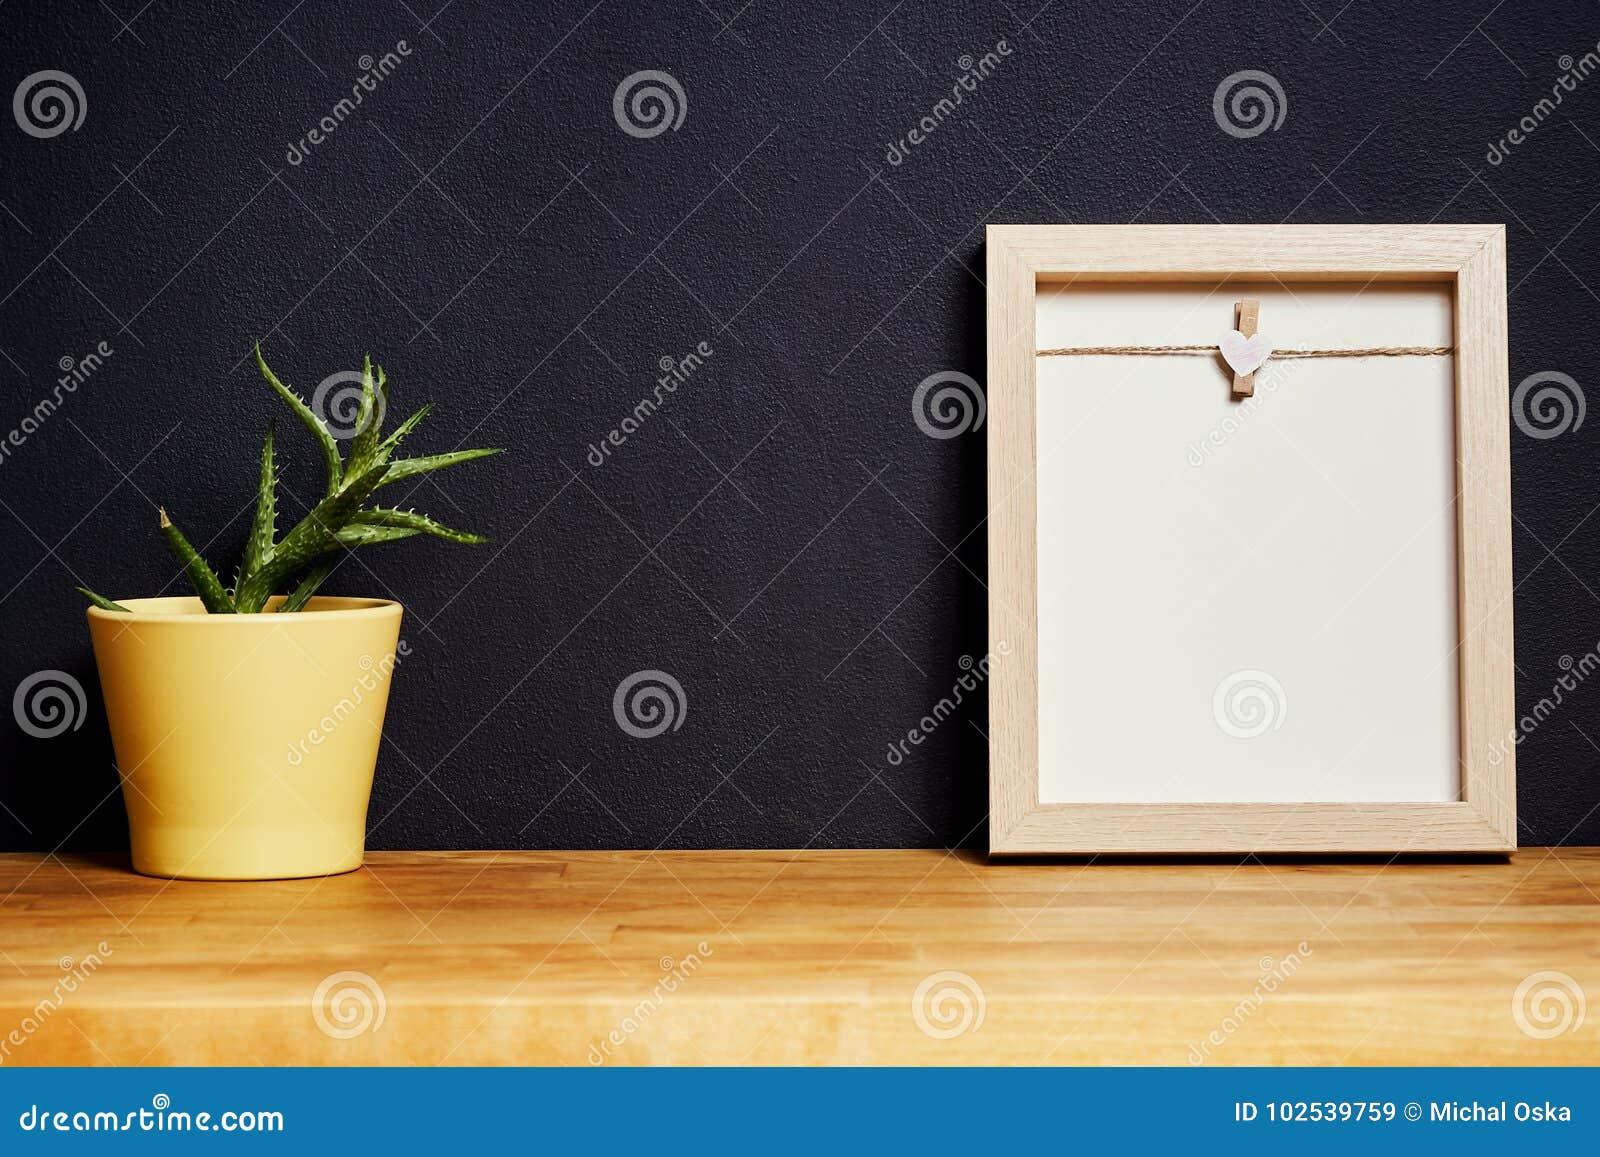 Mooie Houten Plank Voor Aan De Muur.Leeg Kader Op Een Houten Plank Op Een Zwarte Muur Stock Afbeelding